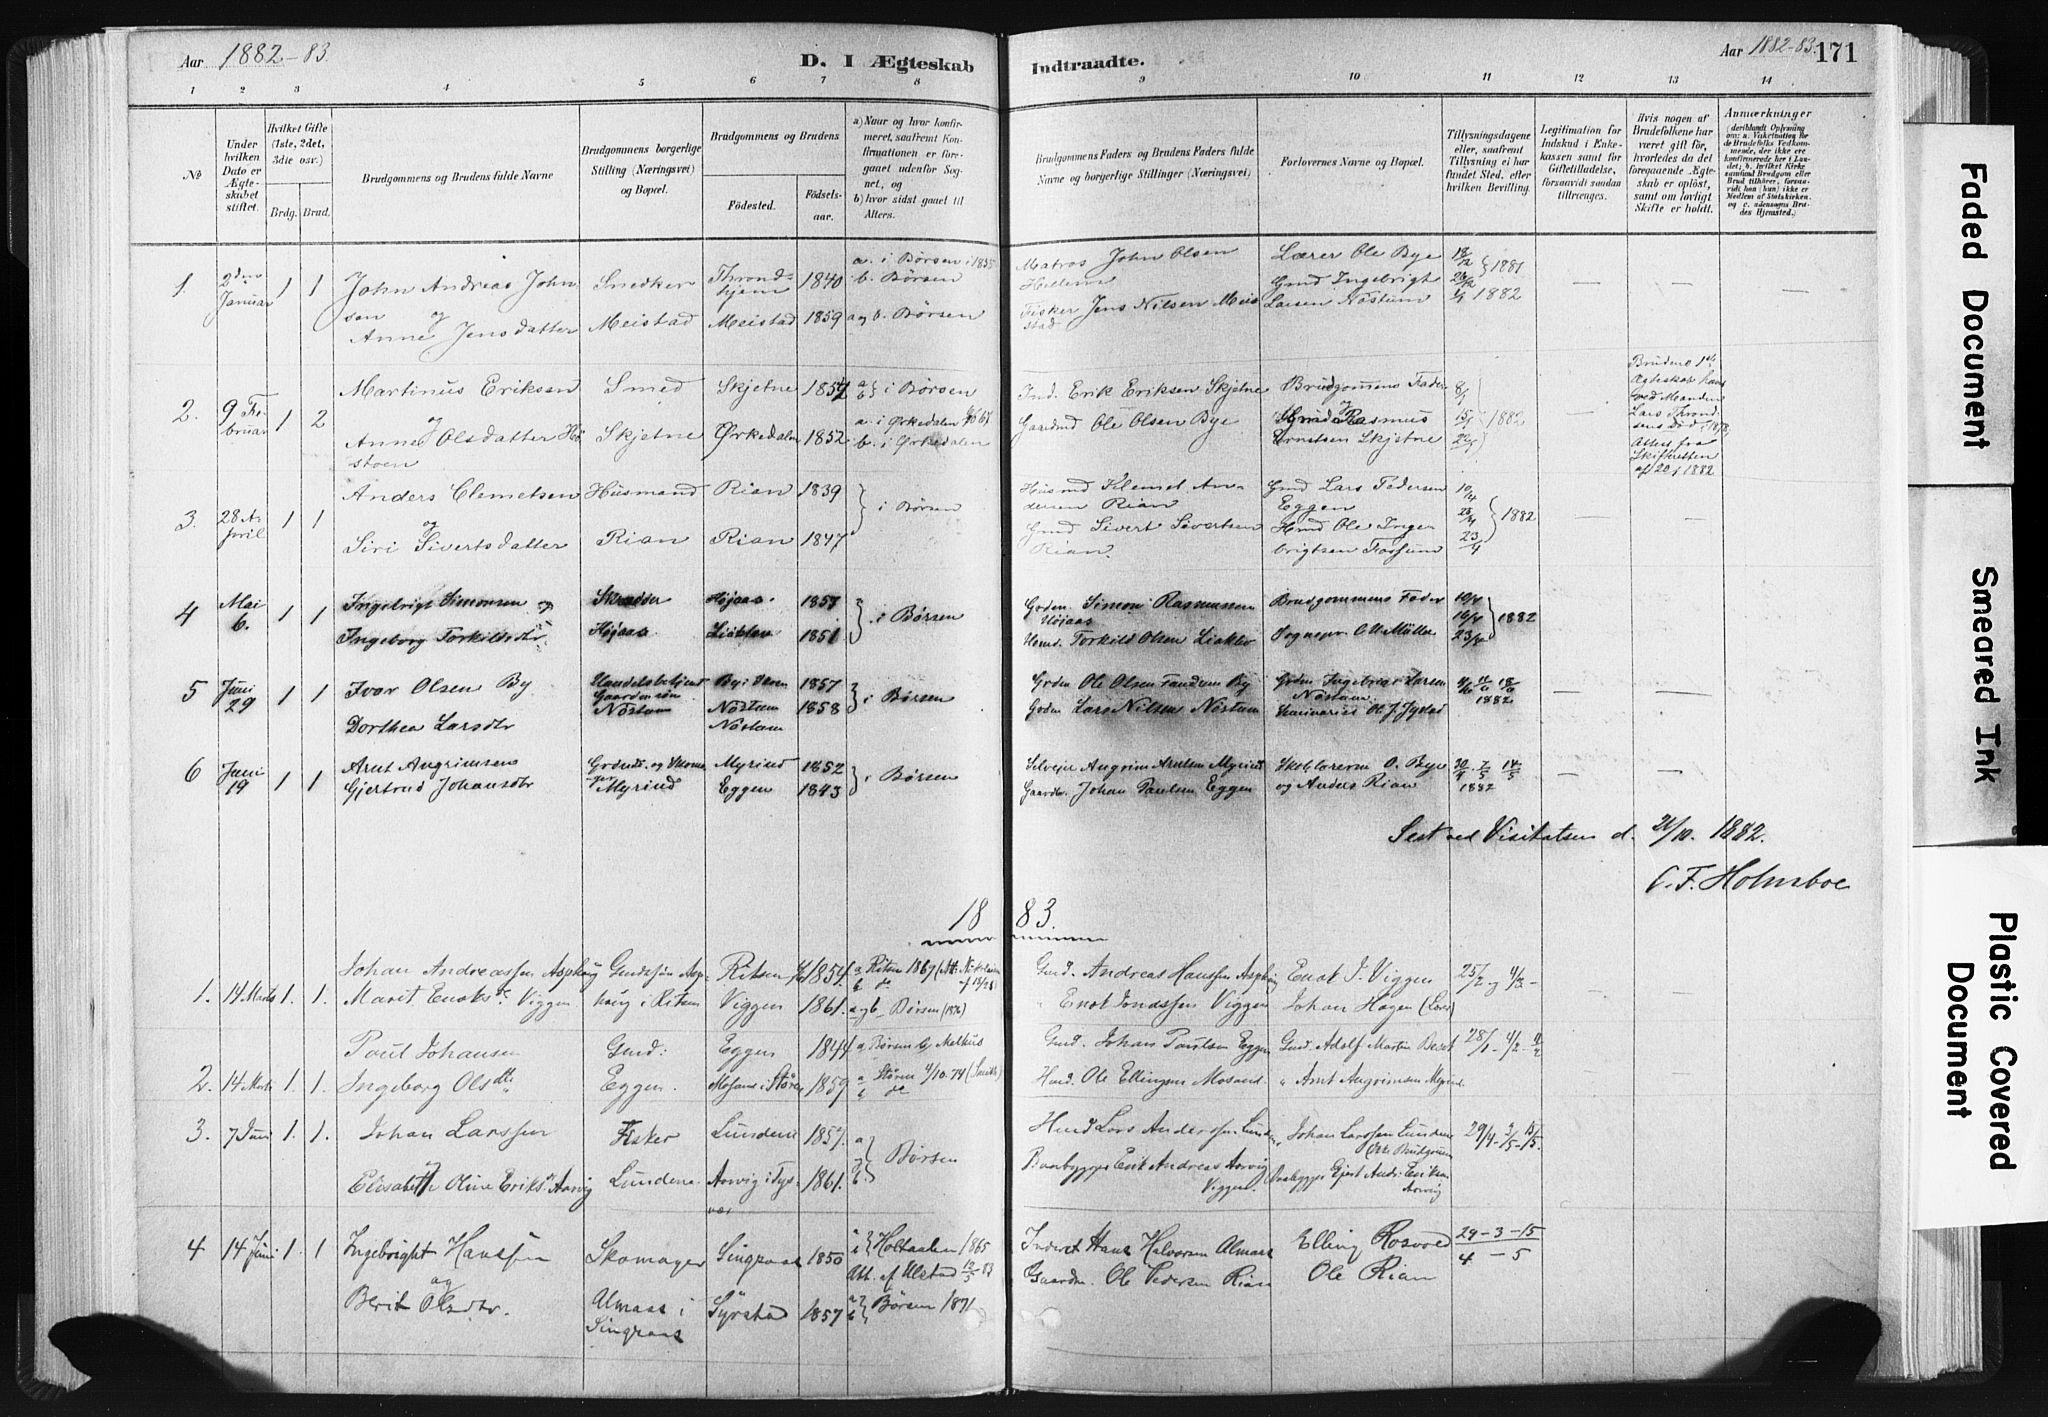 SAT, Ministerialprotokoller, klokkerbøker og fødselsregistre - Sør-Trøndelag, 665/L0773: Ministerialbok nr. 665A08, 1879-1905, s. 171